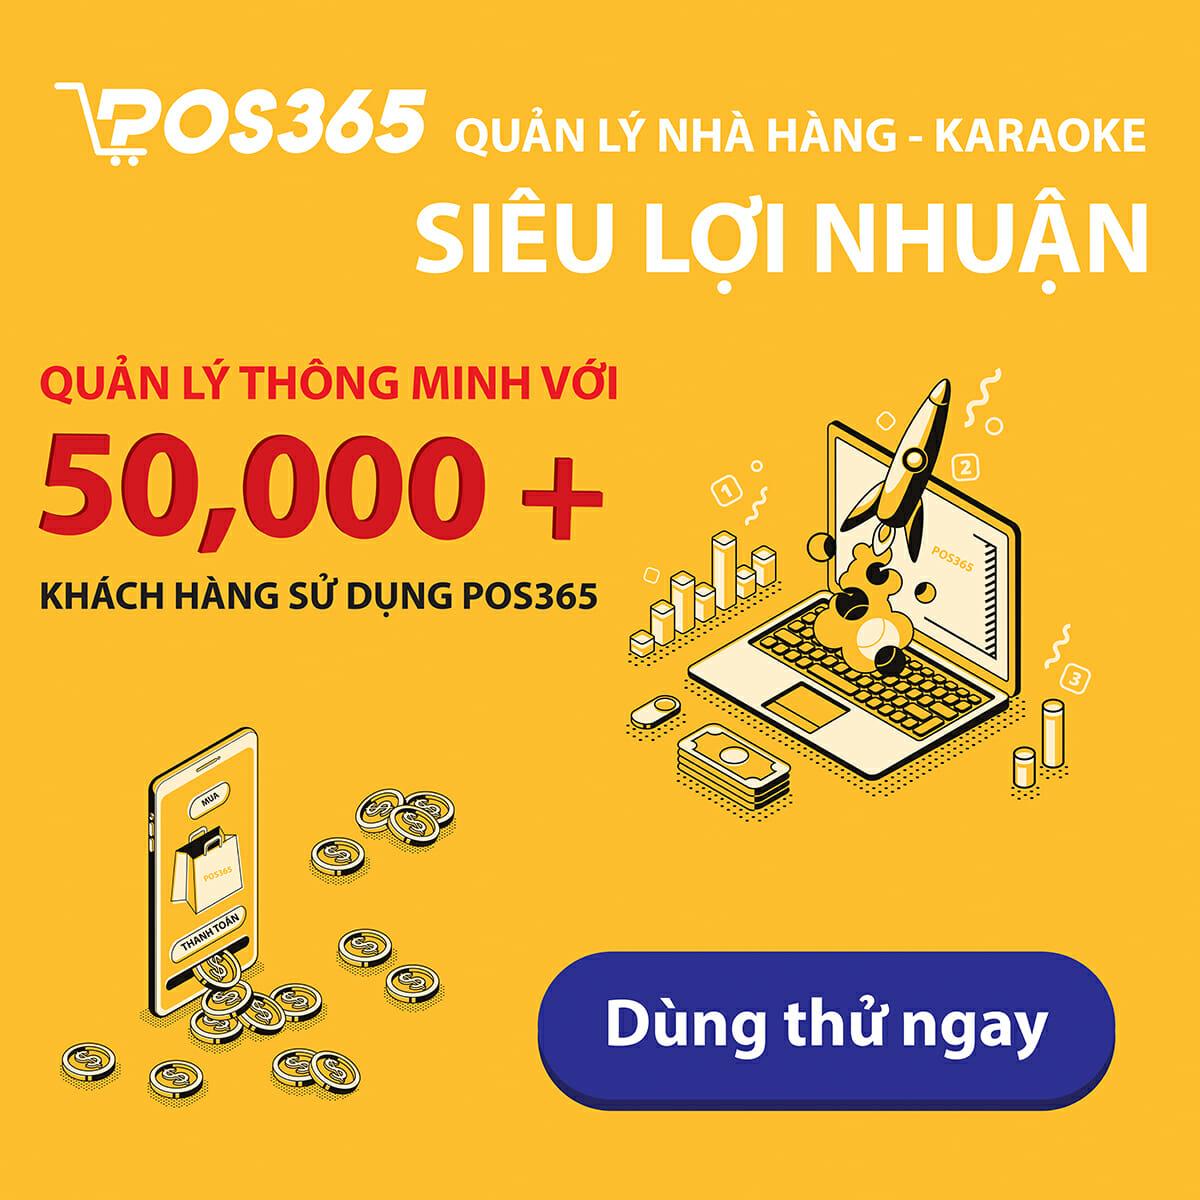 Sử dụng phần mềm quản lý bán hàng POS365 như thế nào?